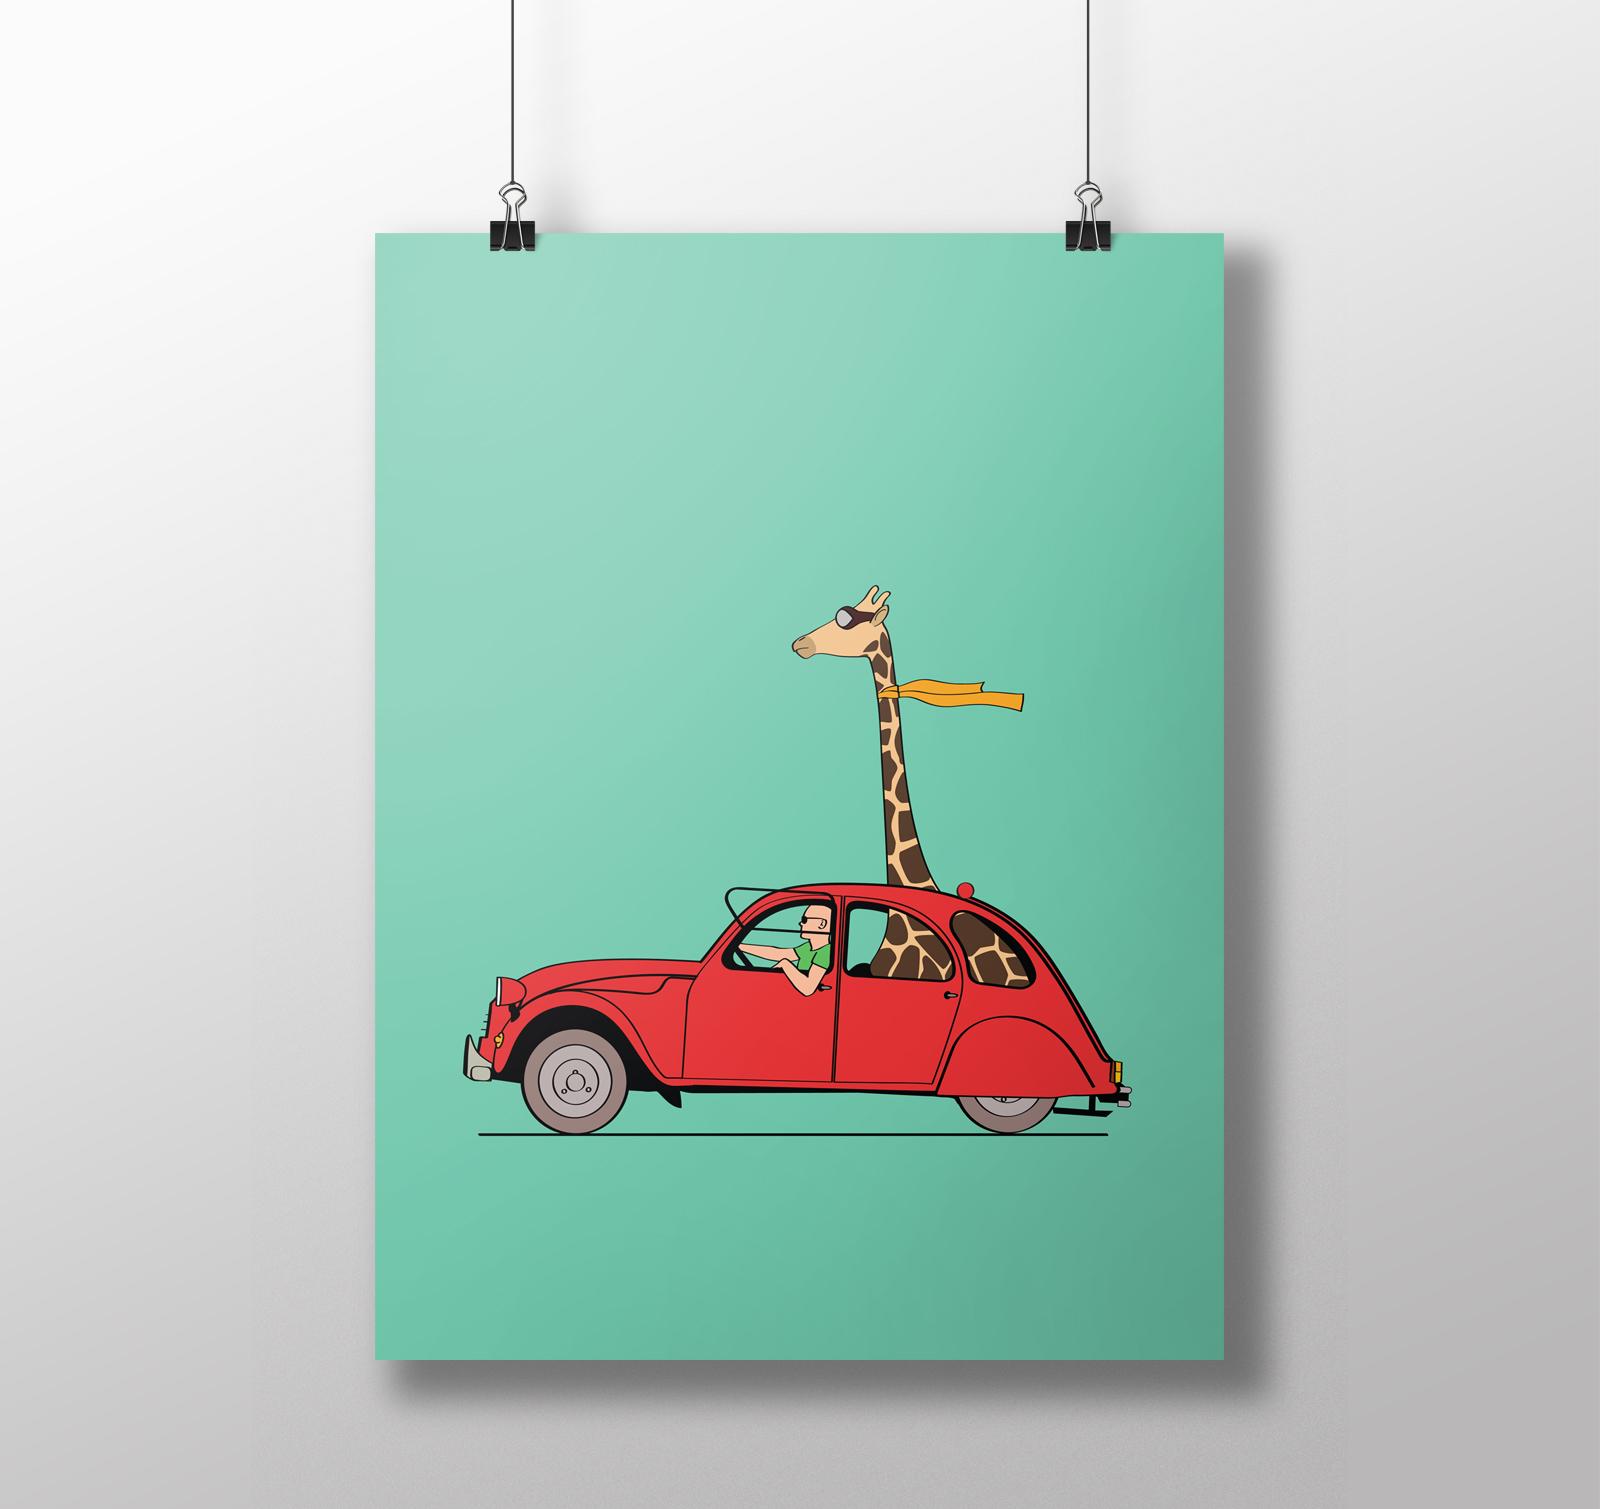 Illustration 2cv et girafe, réalisation Studio du Flamant rose, Bordeaux.